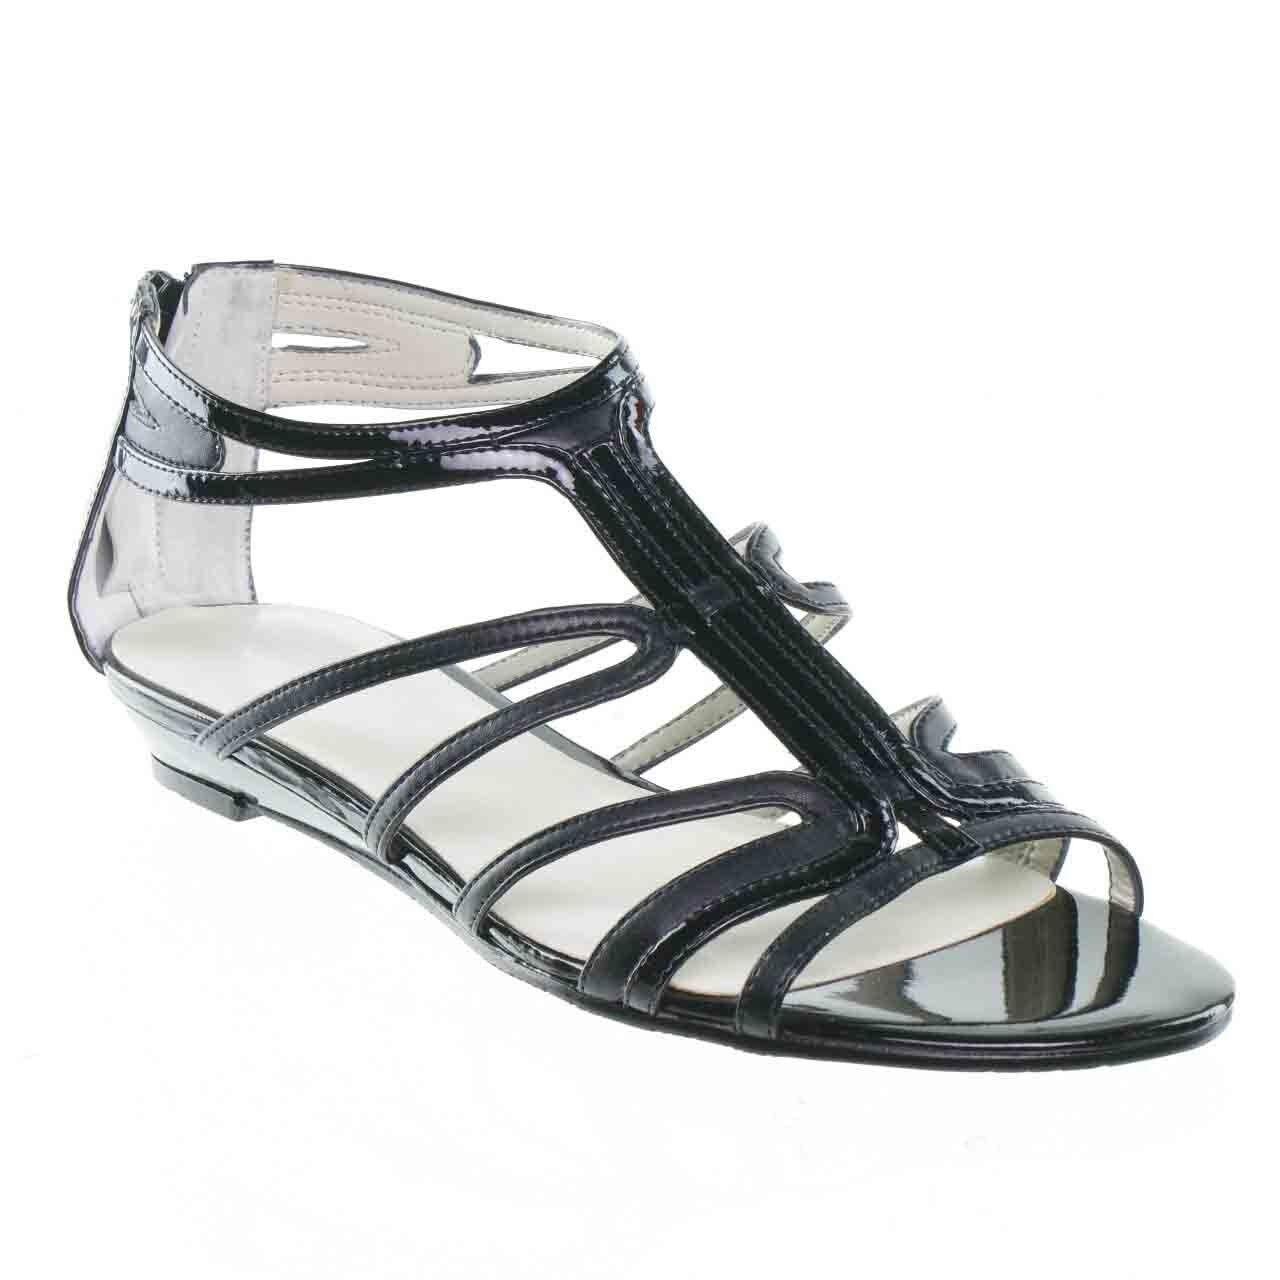 NOUVEAU Nine West Makaia Gladiateur Sandale, Noir Femme Taille 6